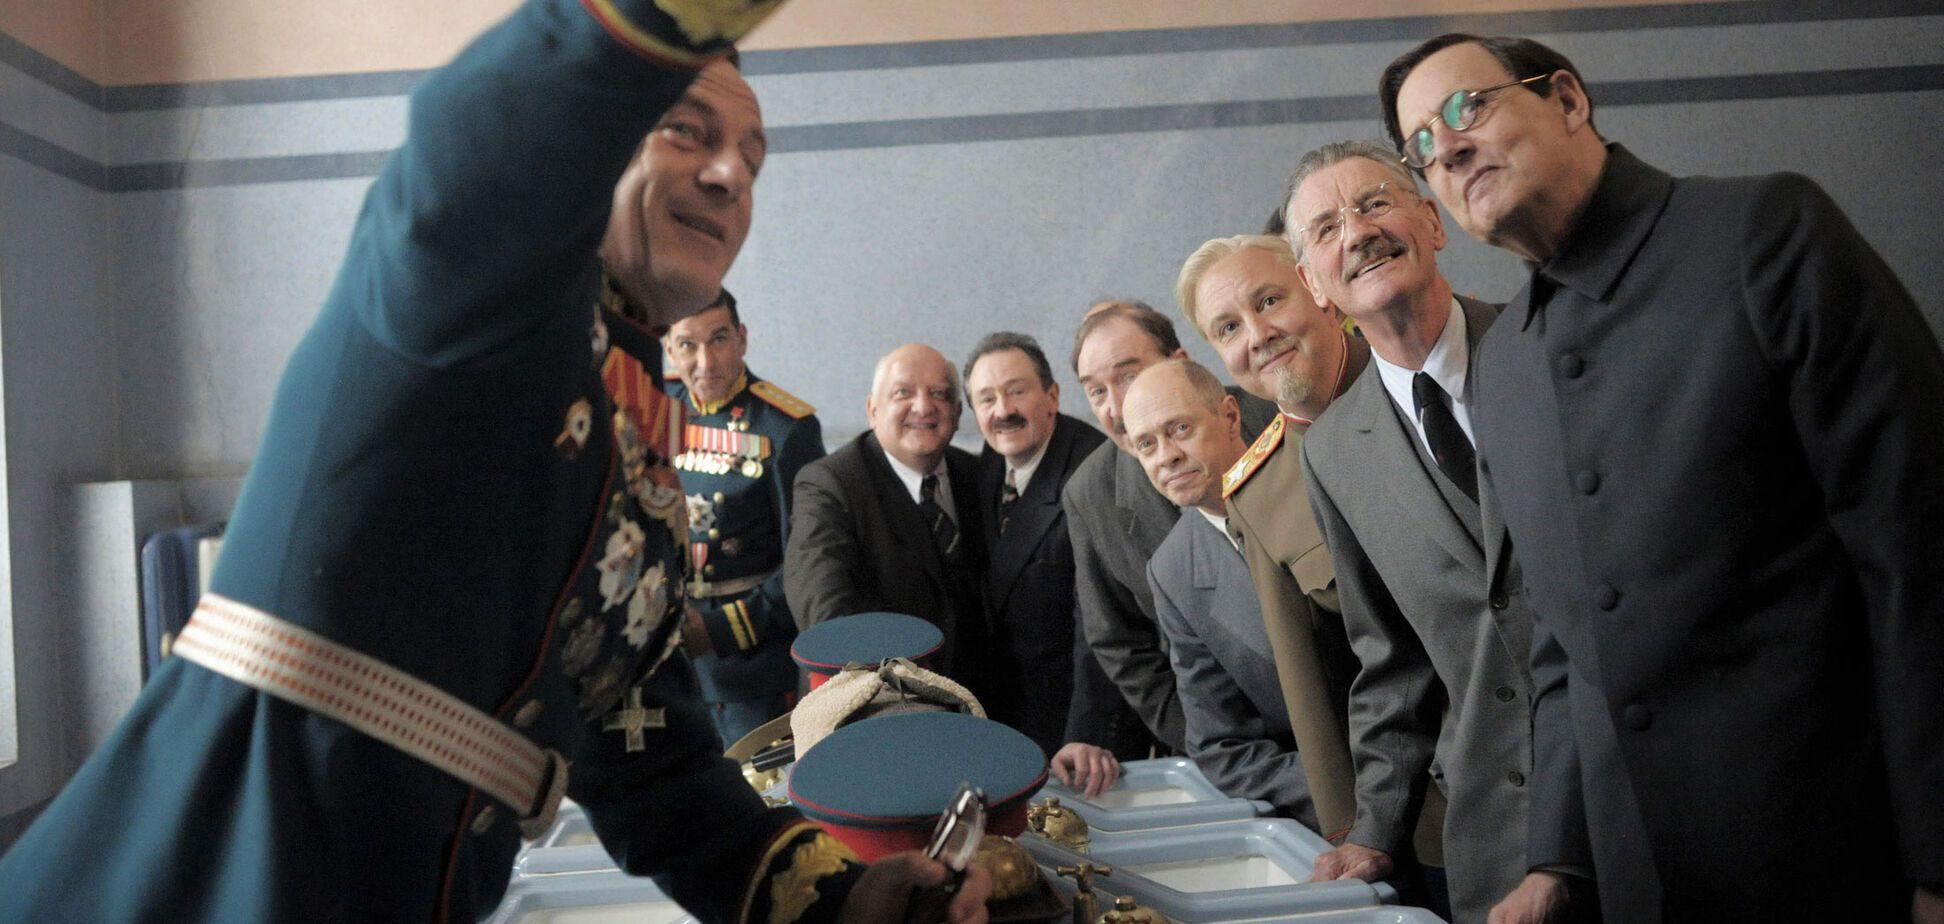 Сталін не помер: художник висміяв заборону скандального фільму